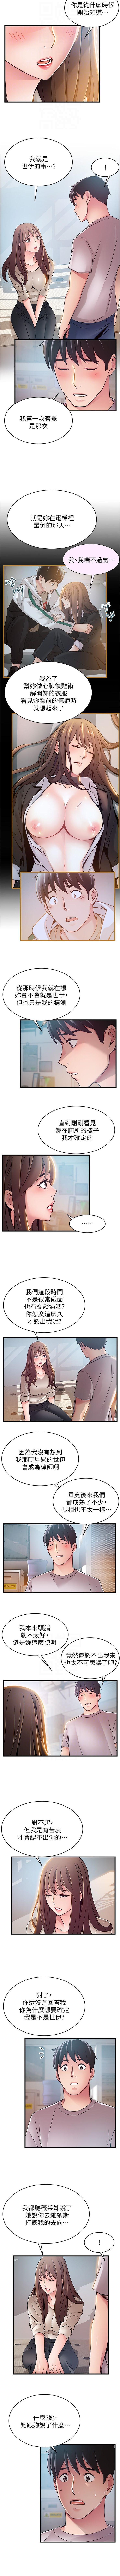 (週7)弱點 1-76 中文翻譯(更新中) 284